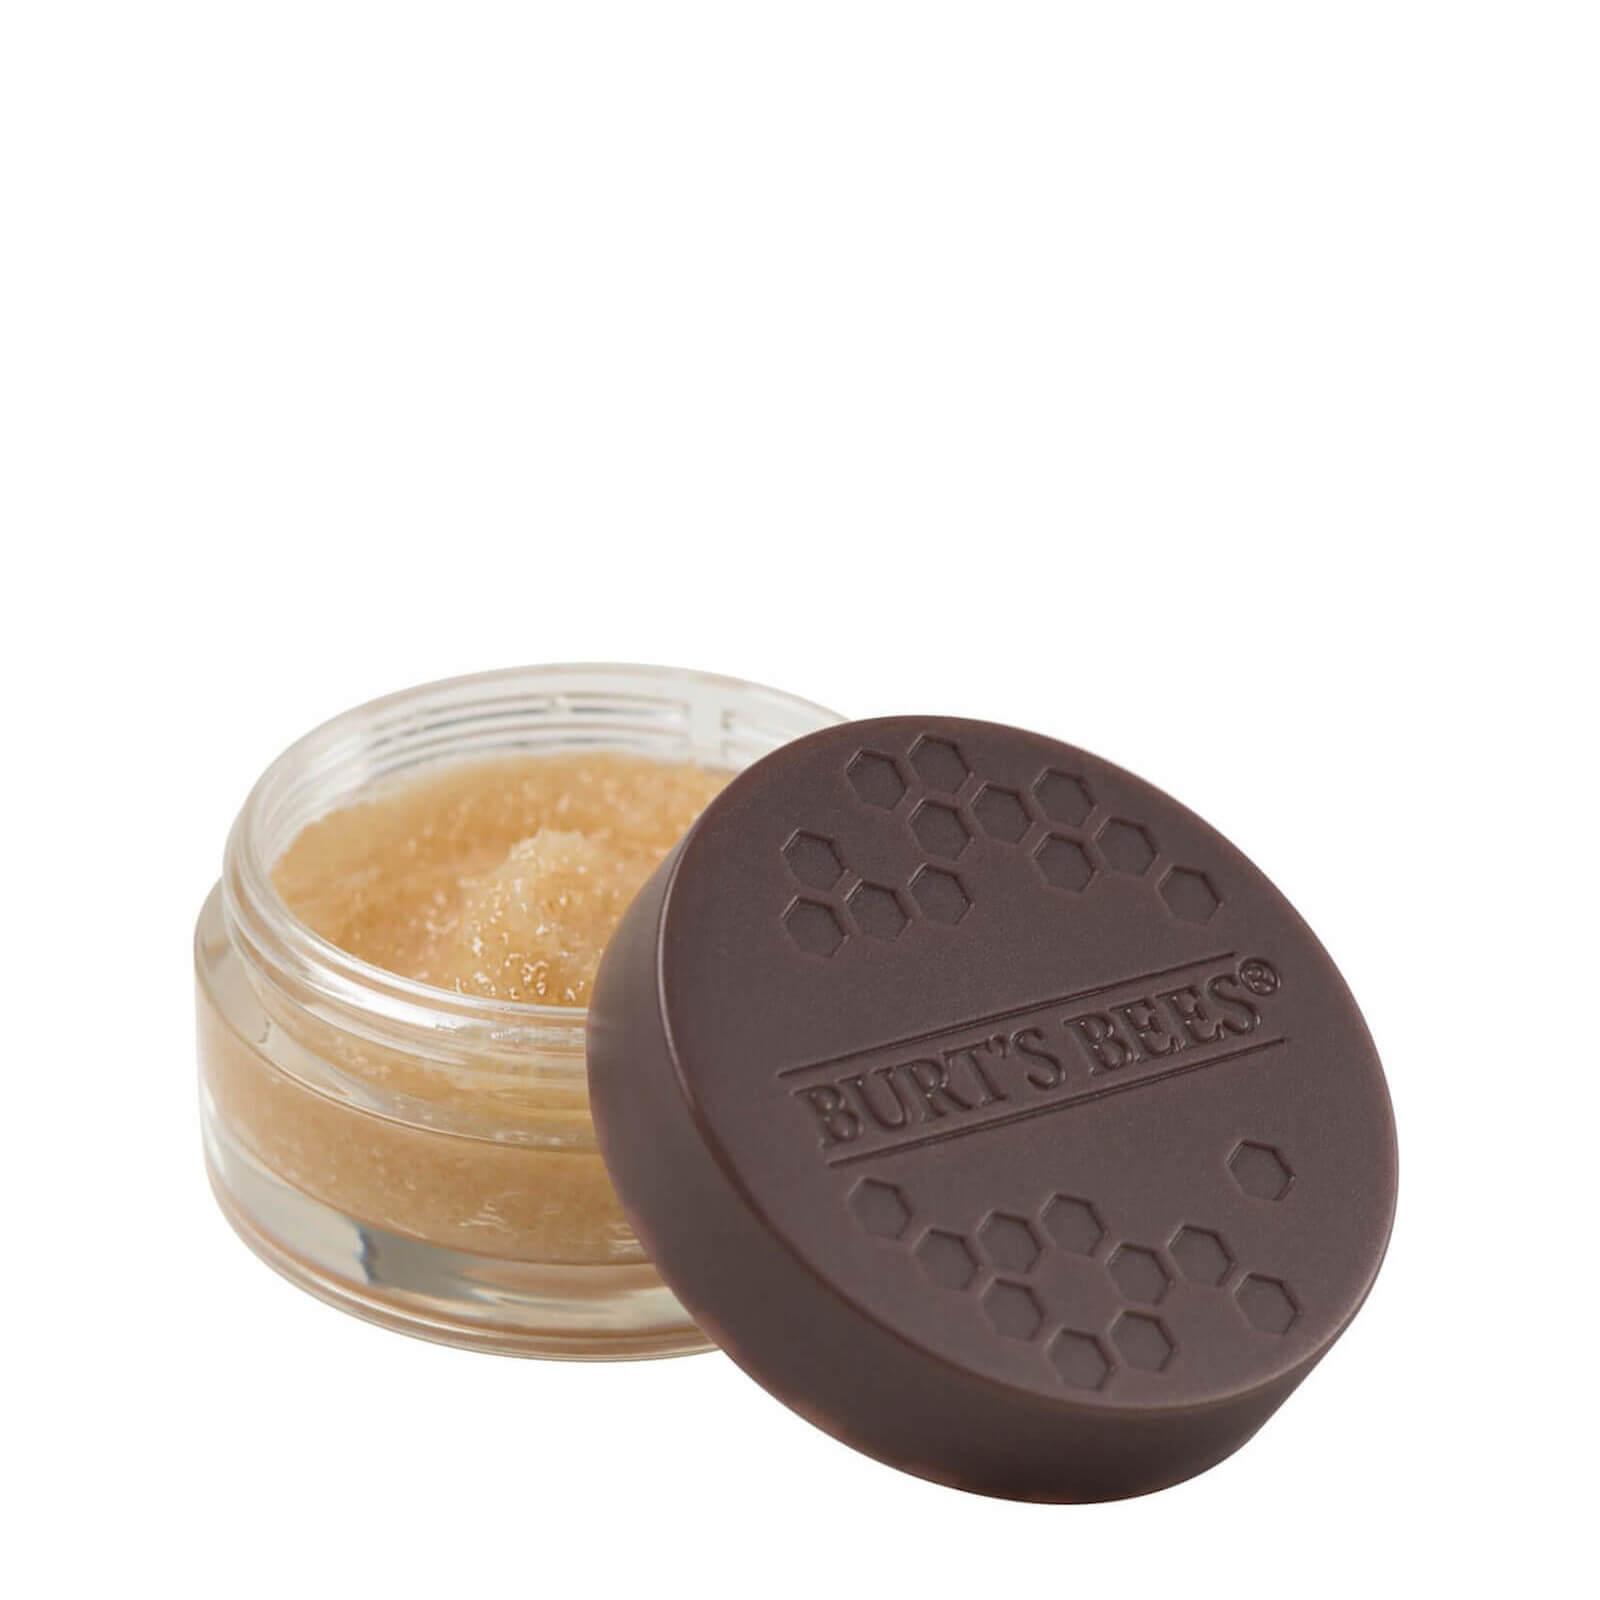 Exfoliante labial acondicionador de origen 100 % natural con cristales de miel exfoliantes Burt's Bees